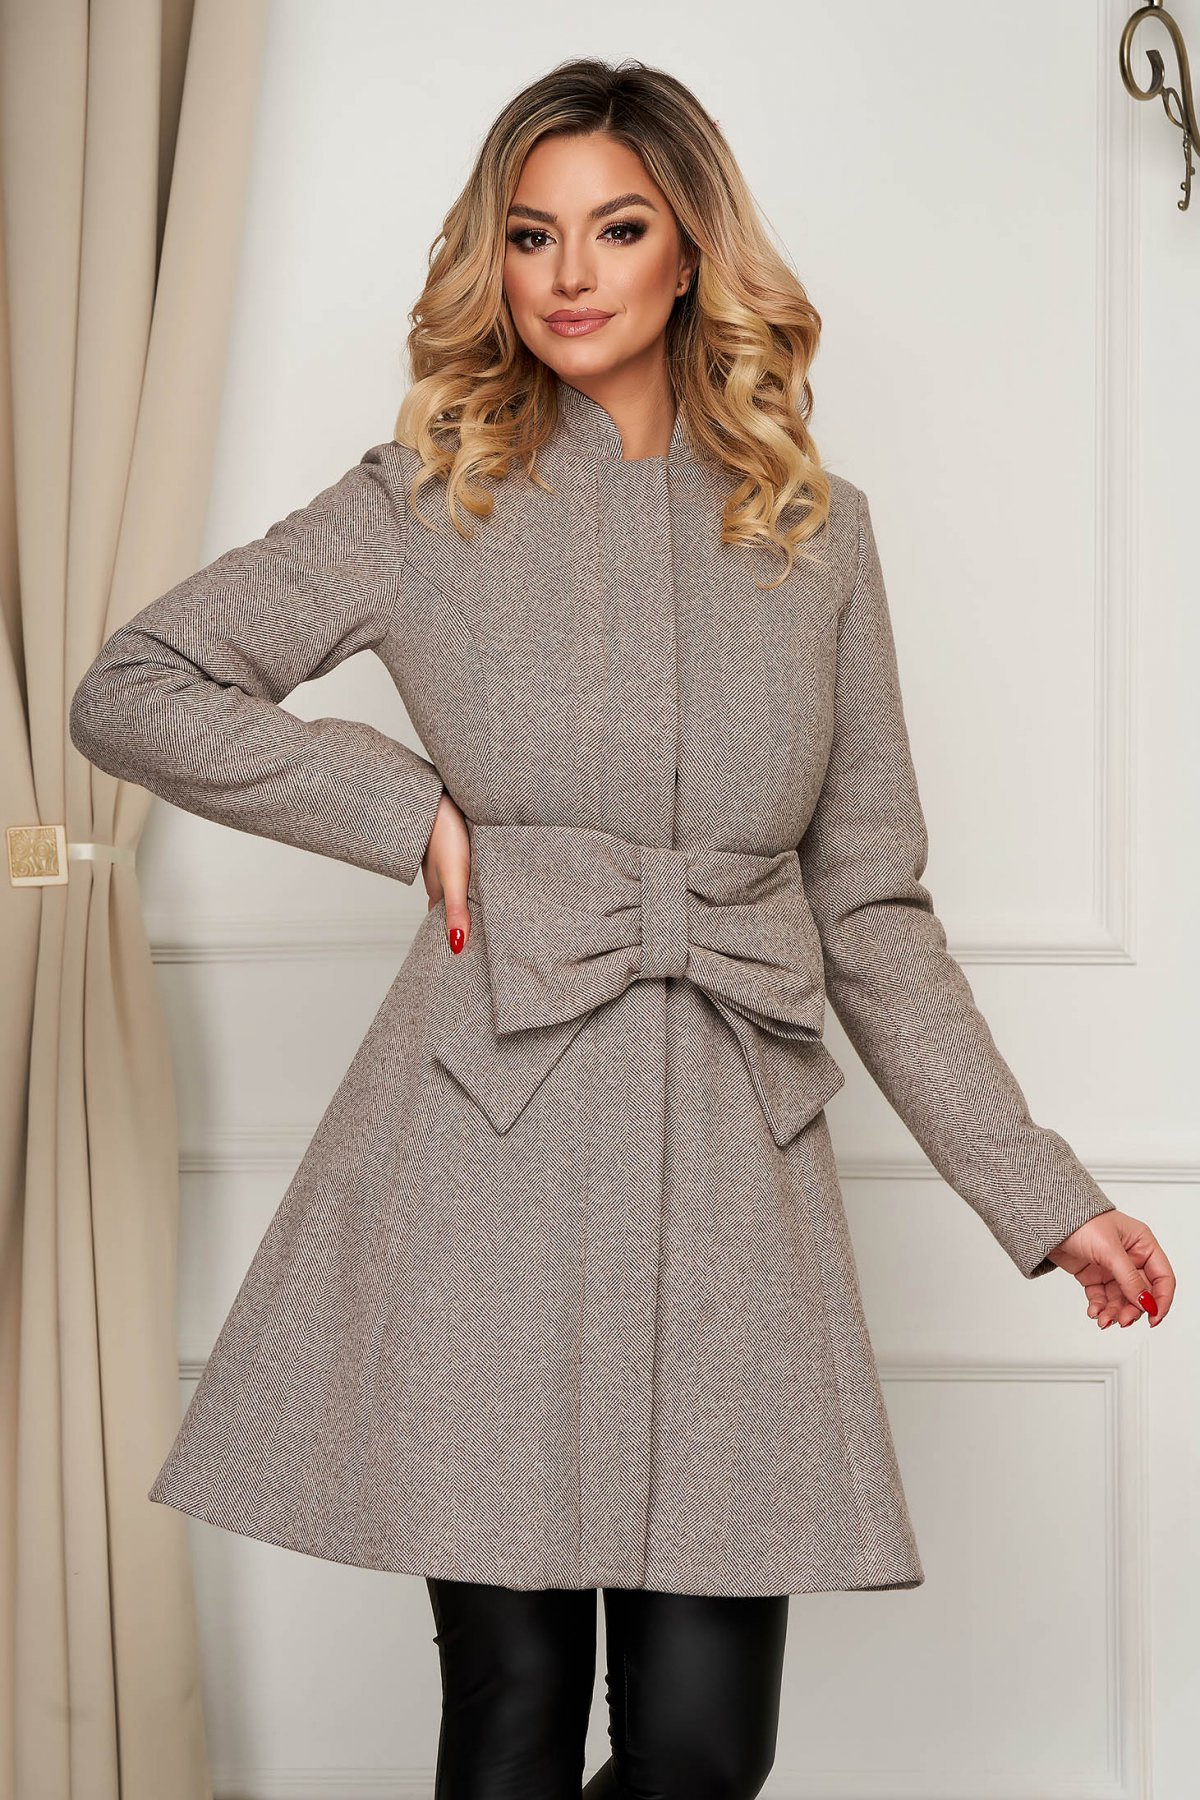 Palton Artista crem elegant in clos accesorizat cu cordon cu buzunare